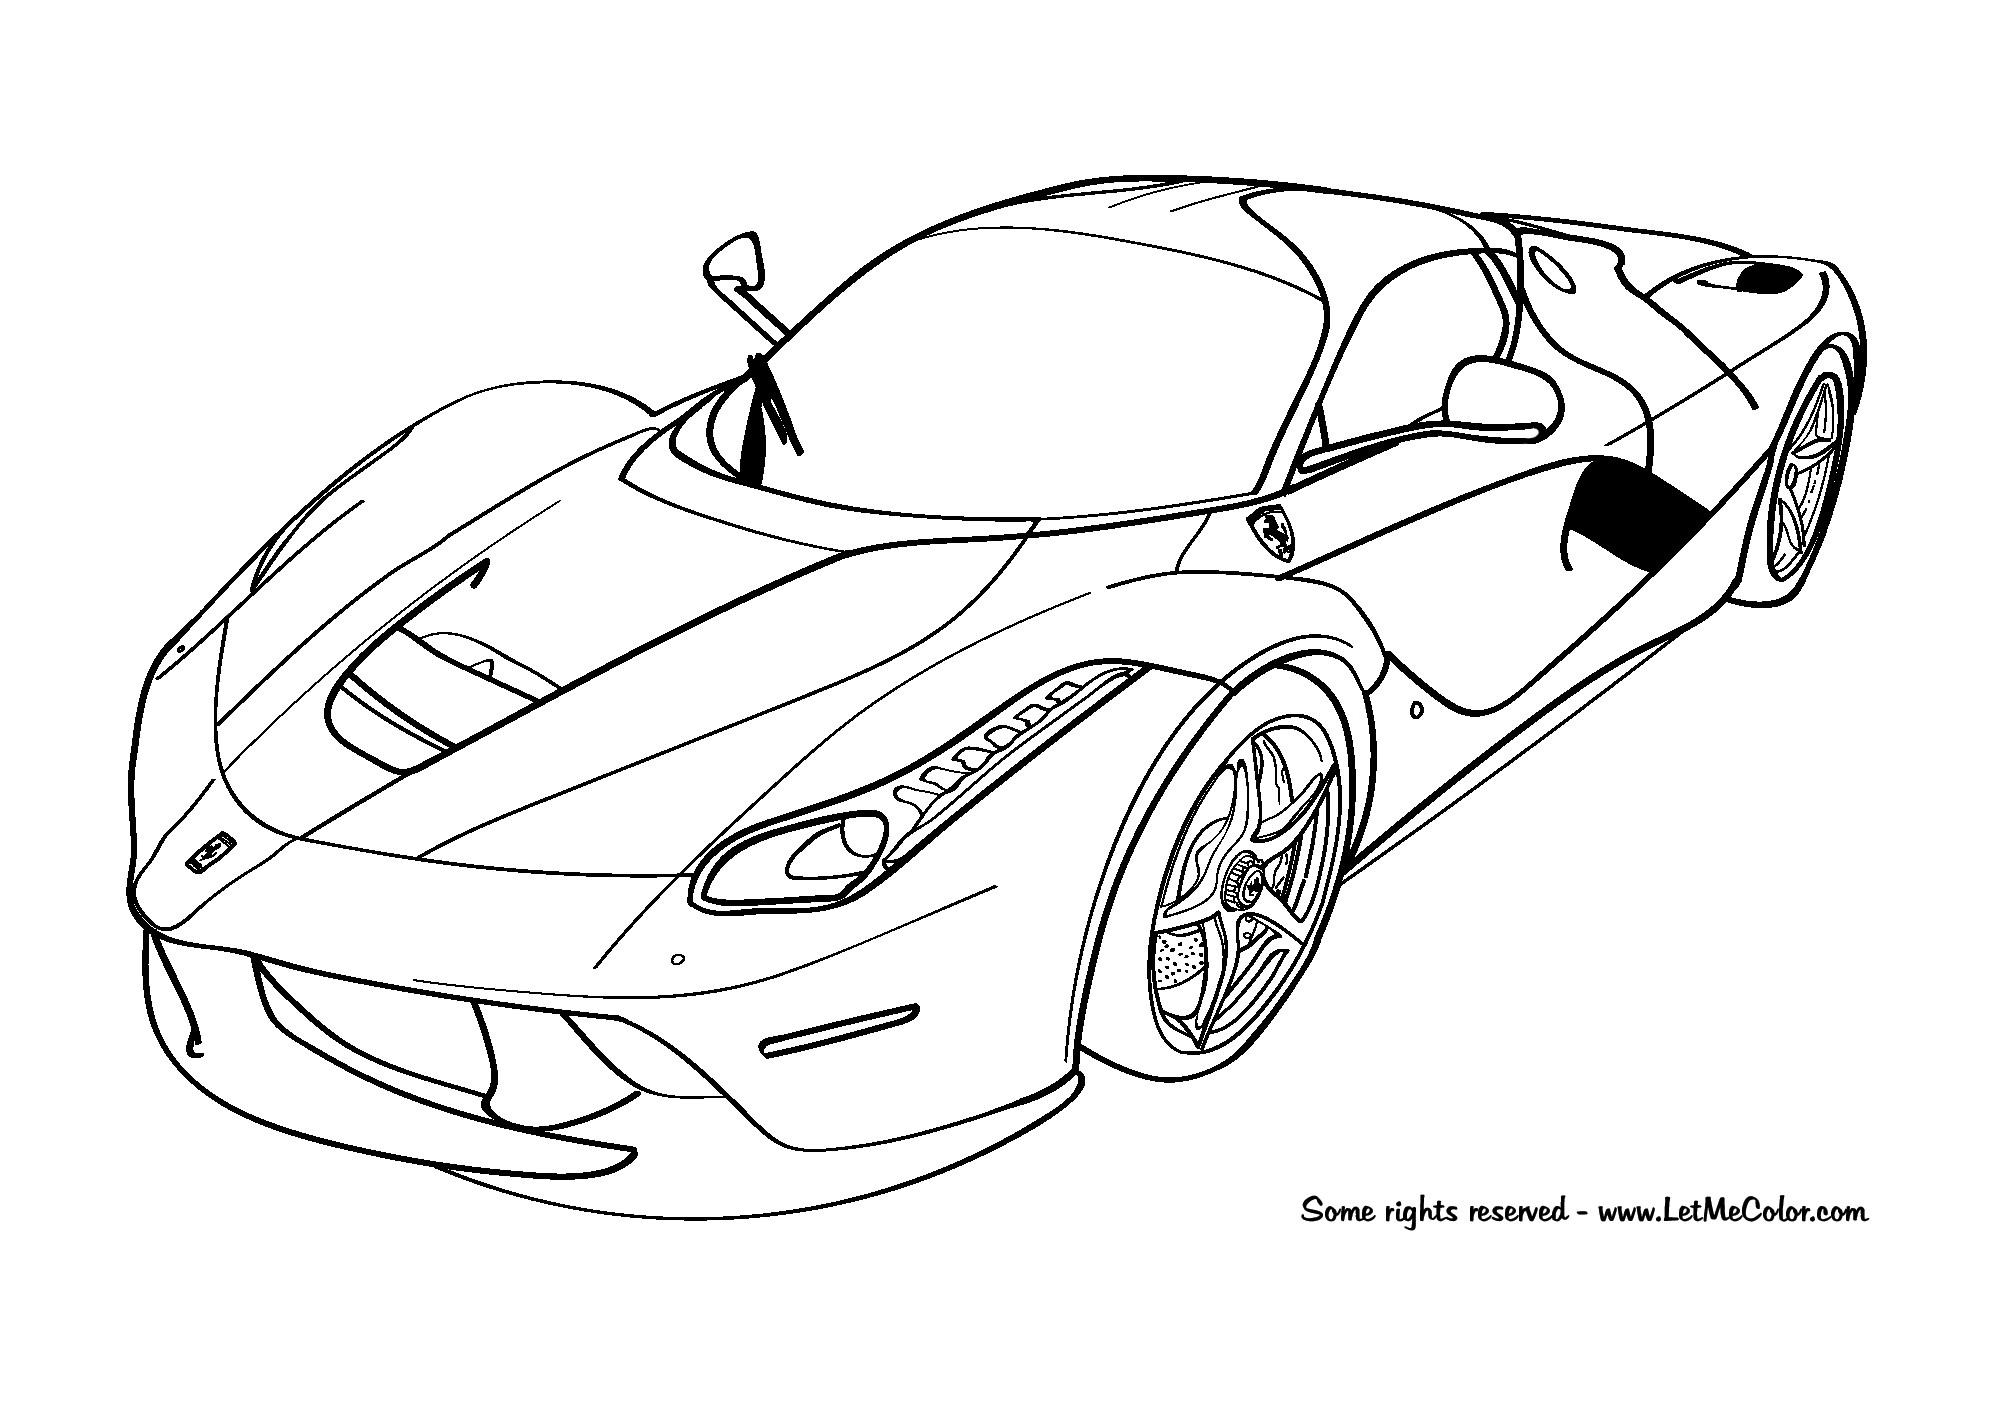 Lamborghini Pencil Drawing At Getdrawings Com Free For Personal